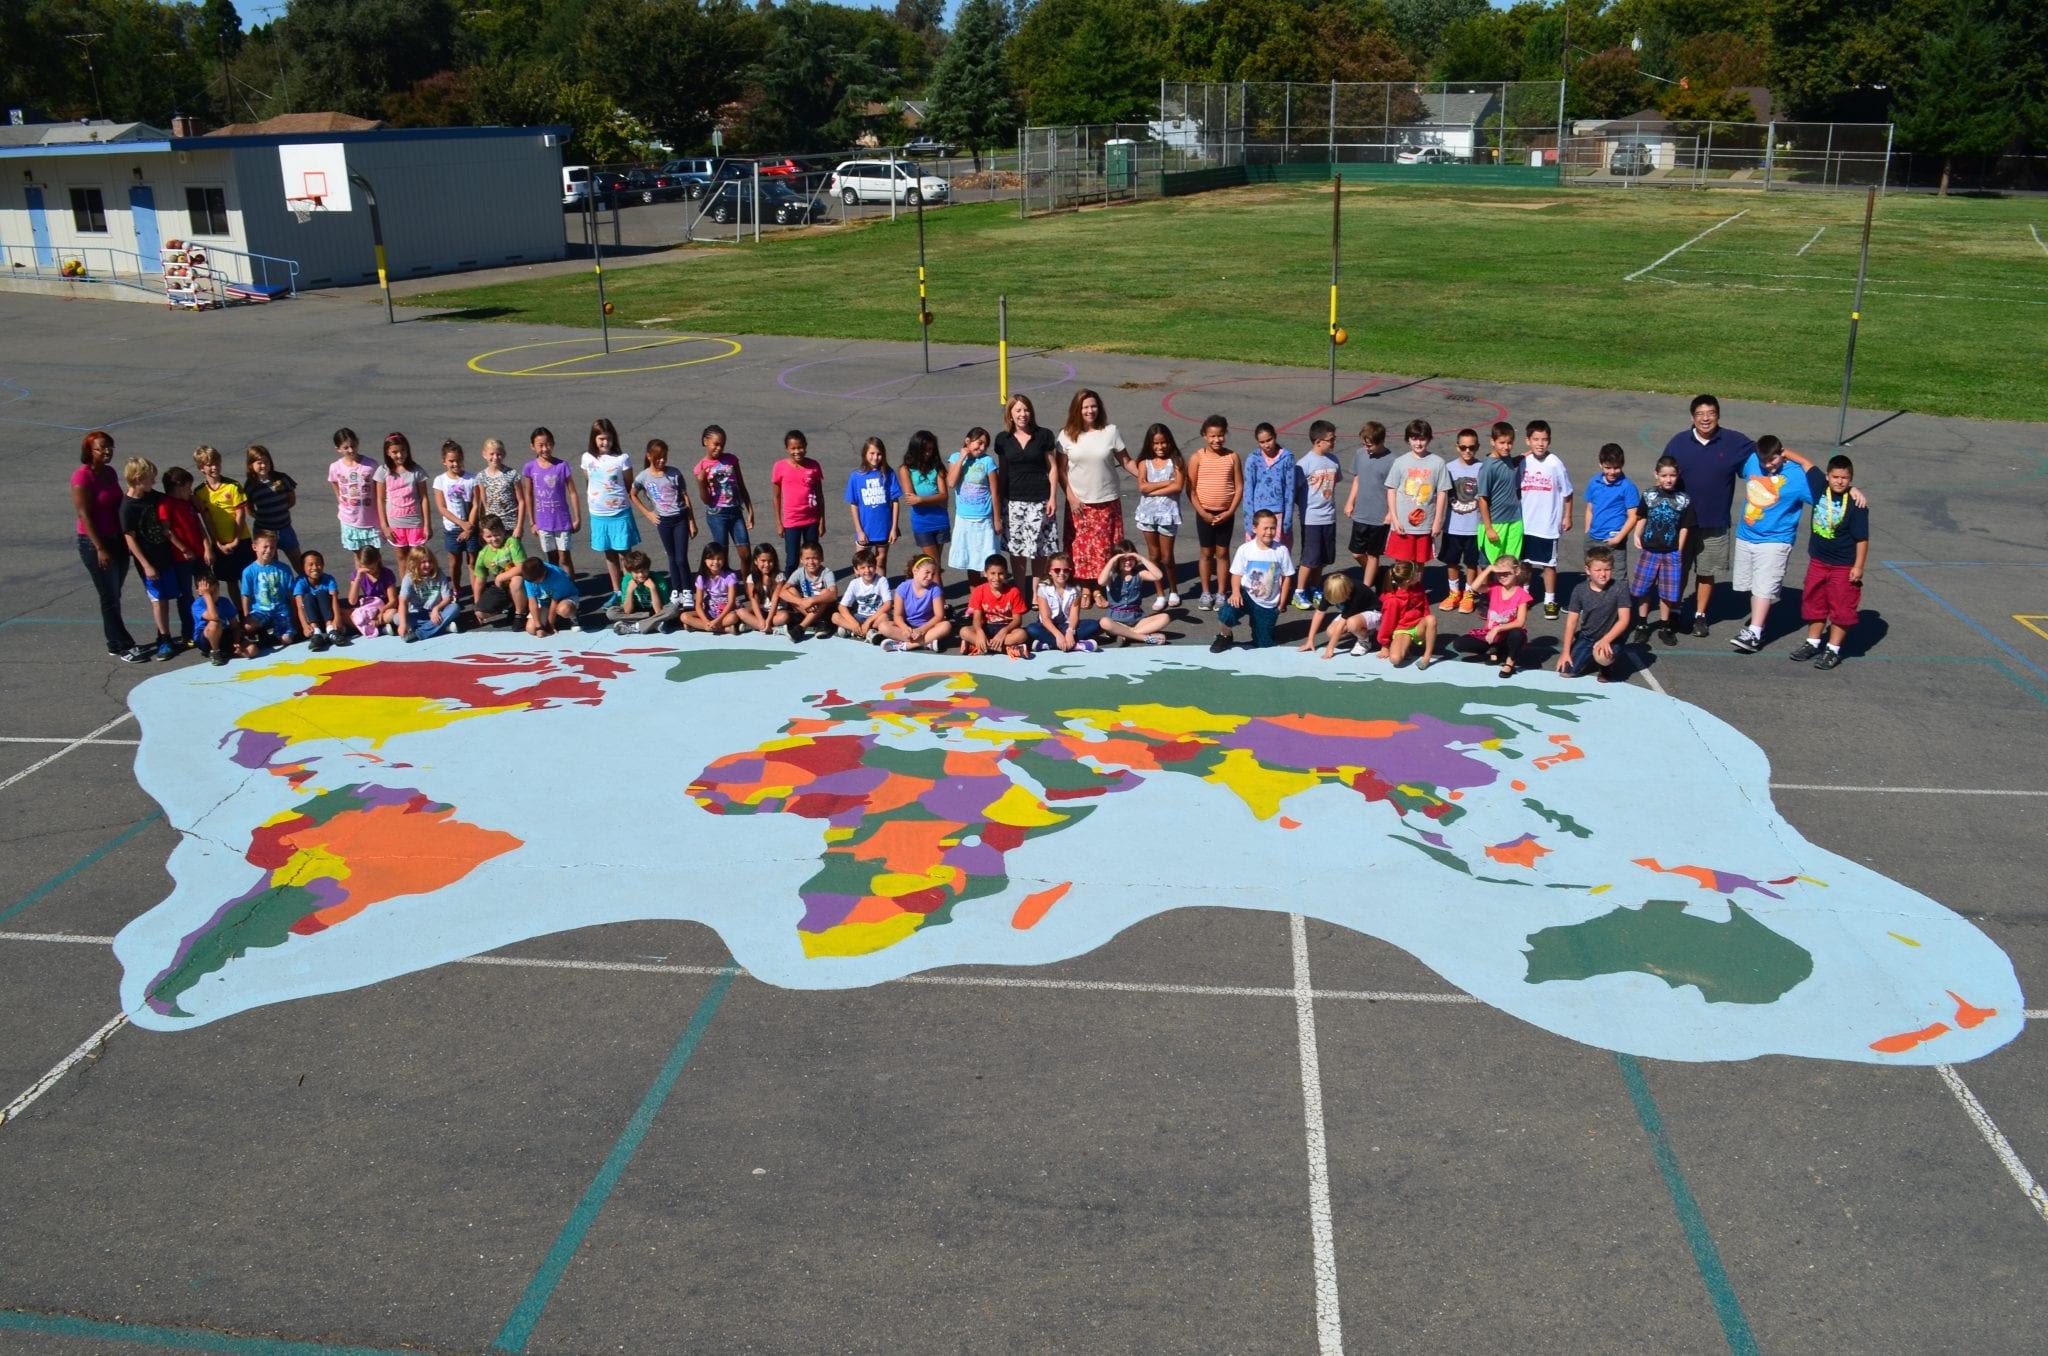 World Map 002 Copy Copy